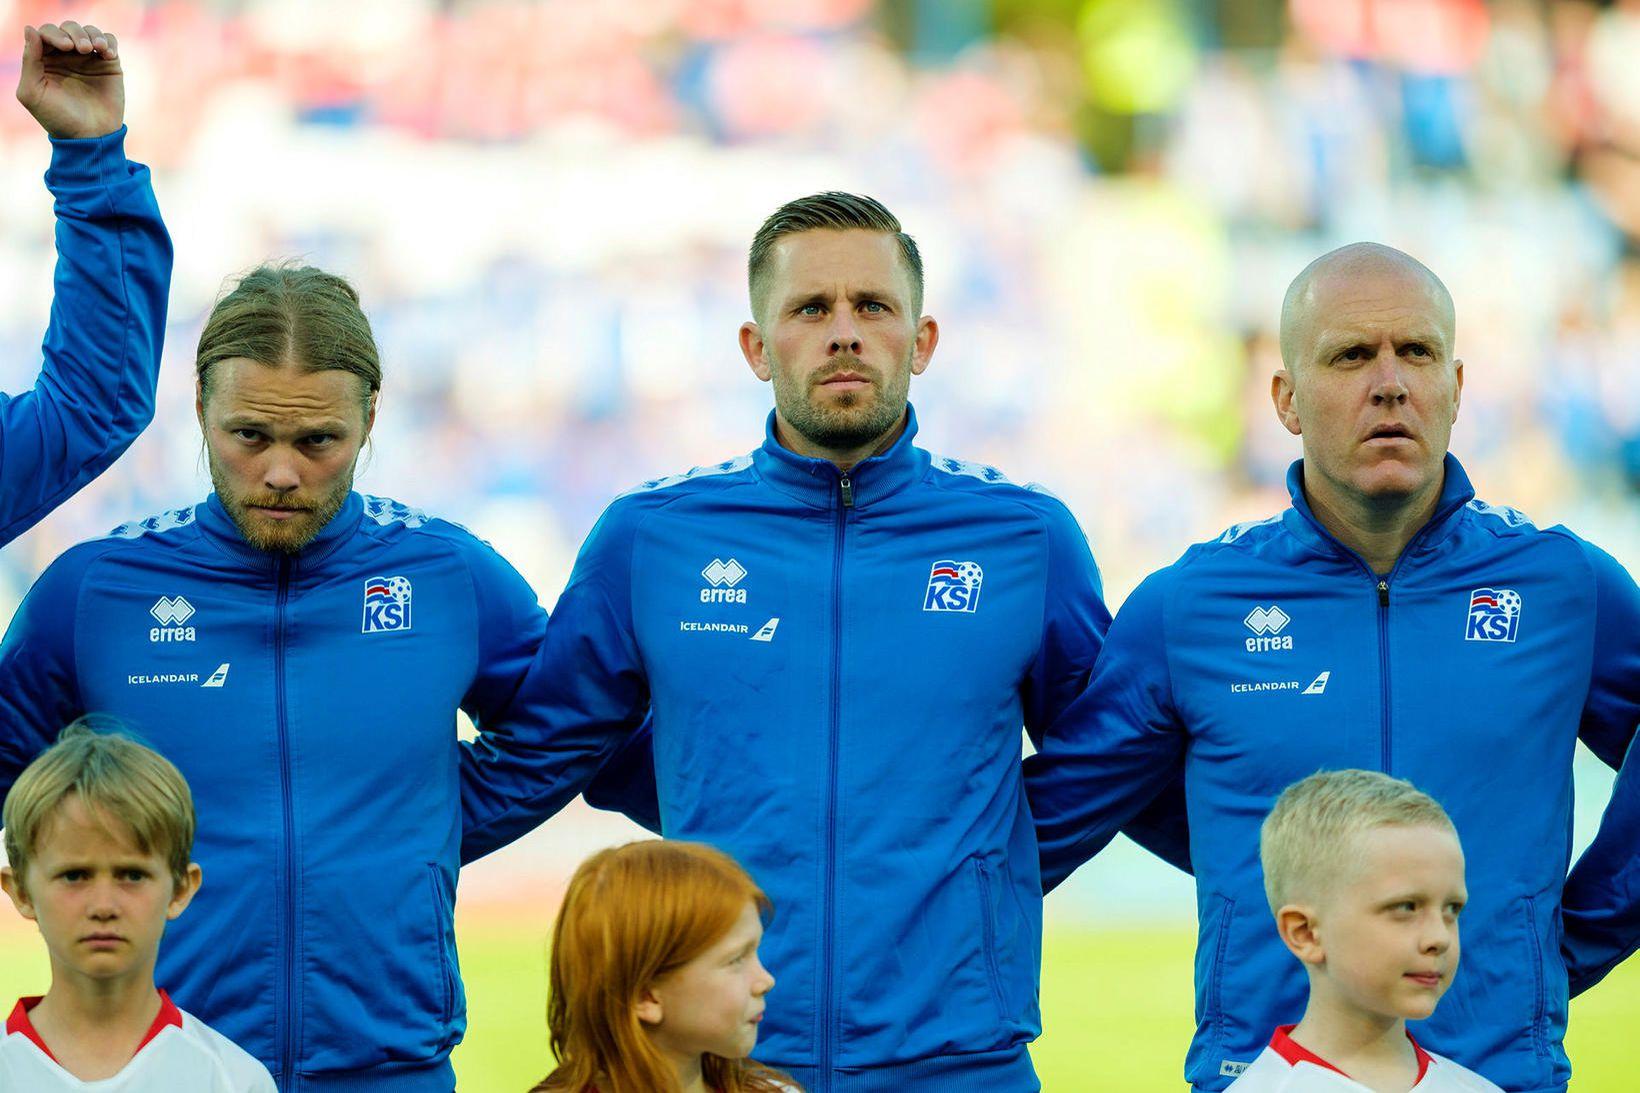 Birkir Bjarnason og Emil Hallfreðsson leika báðir á Ítalíu, Birkir …